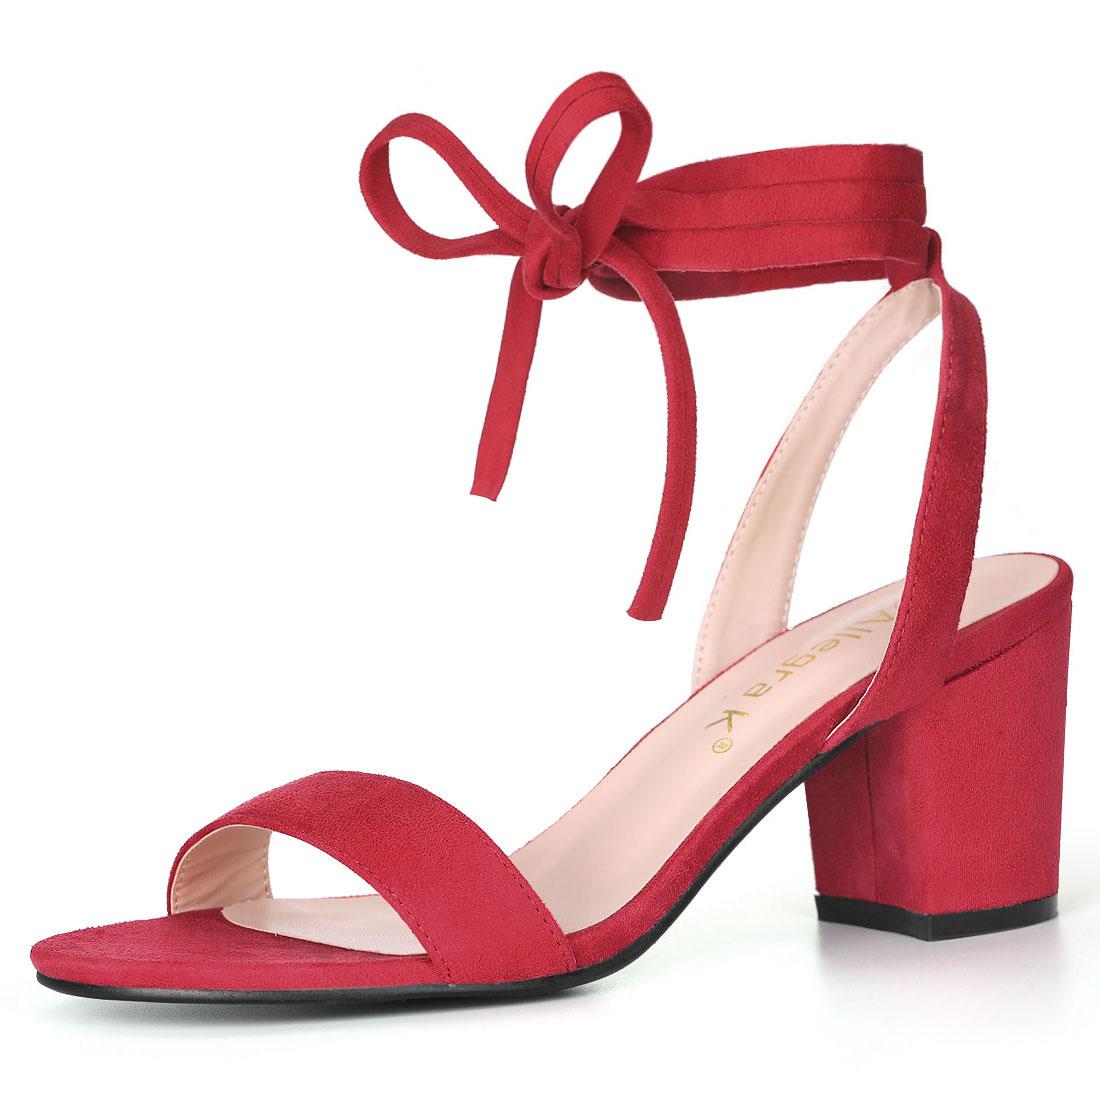 Allegra K Women's Open Toe Mid Block Heel Ankle Tie Sandals Red US 5